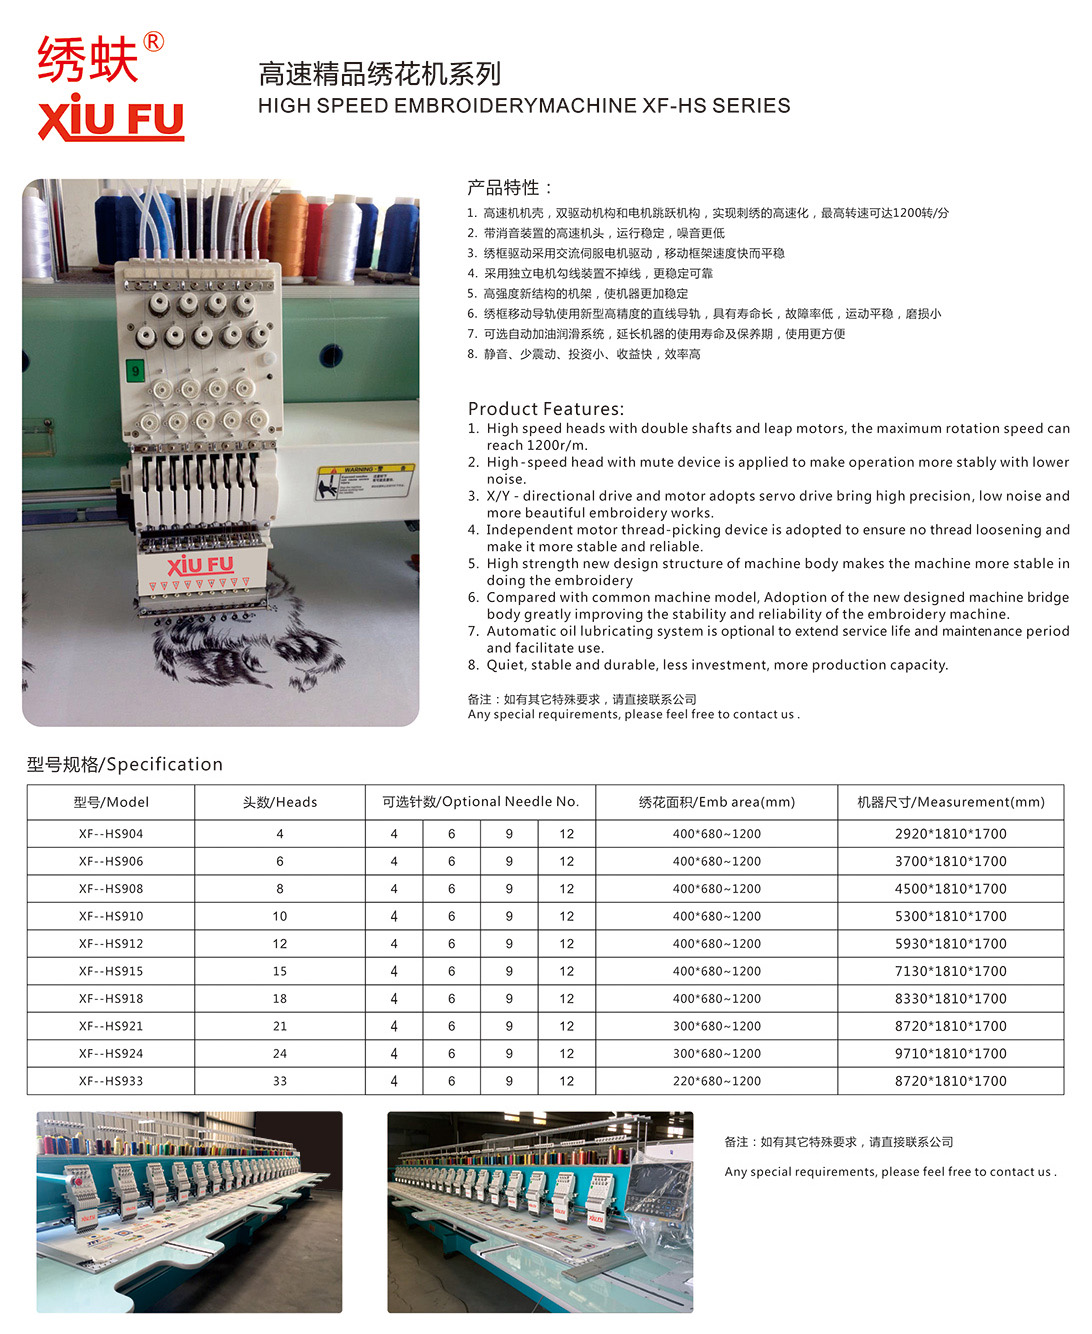 广西哪里有激光烧花机厂家_激光烧花机厂家相关-成都红绣机电设备有限公司